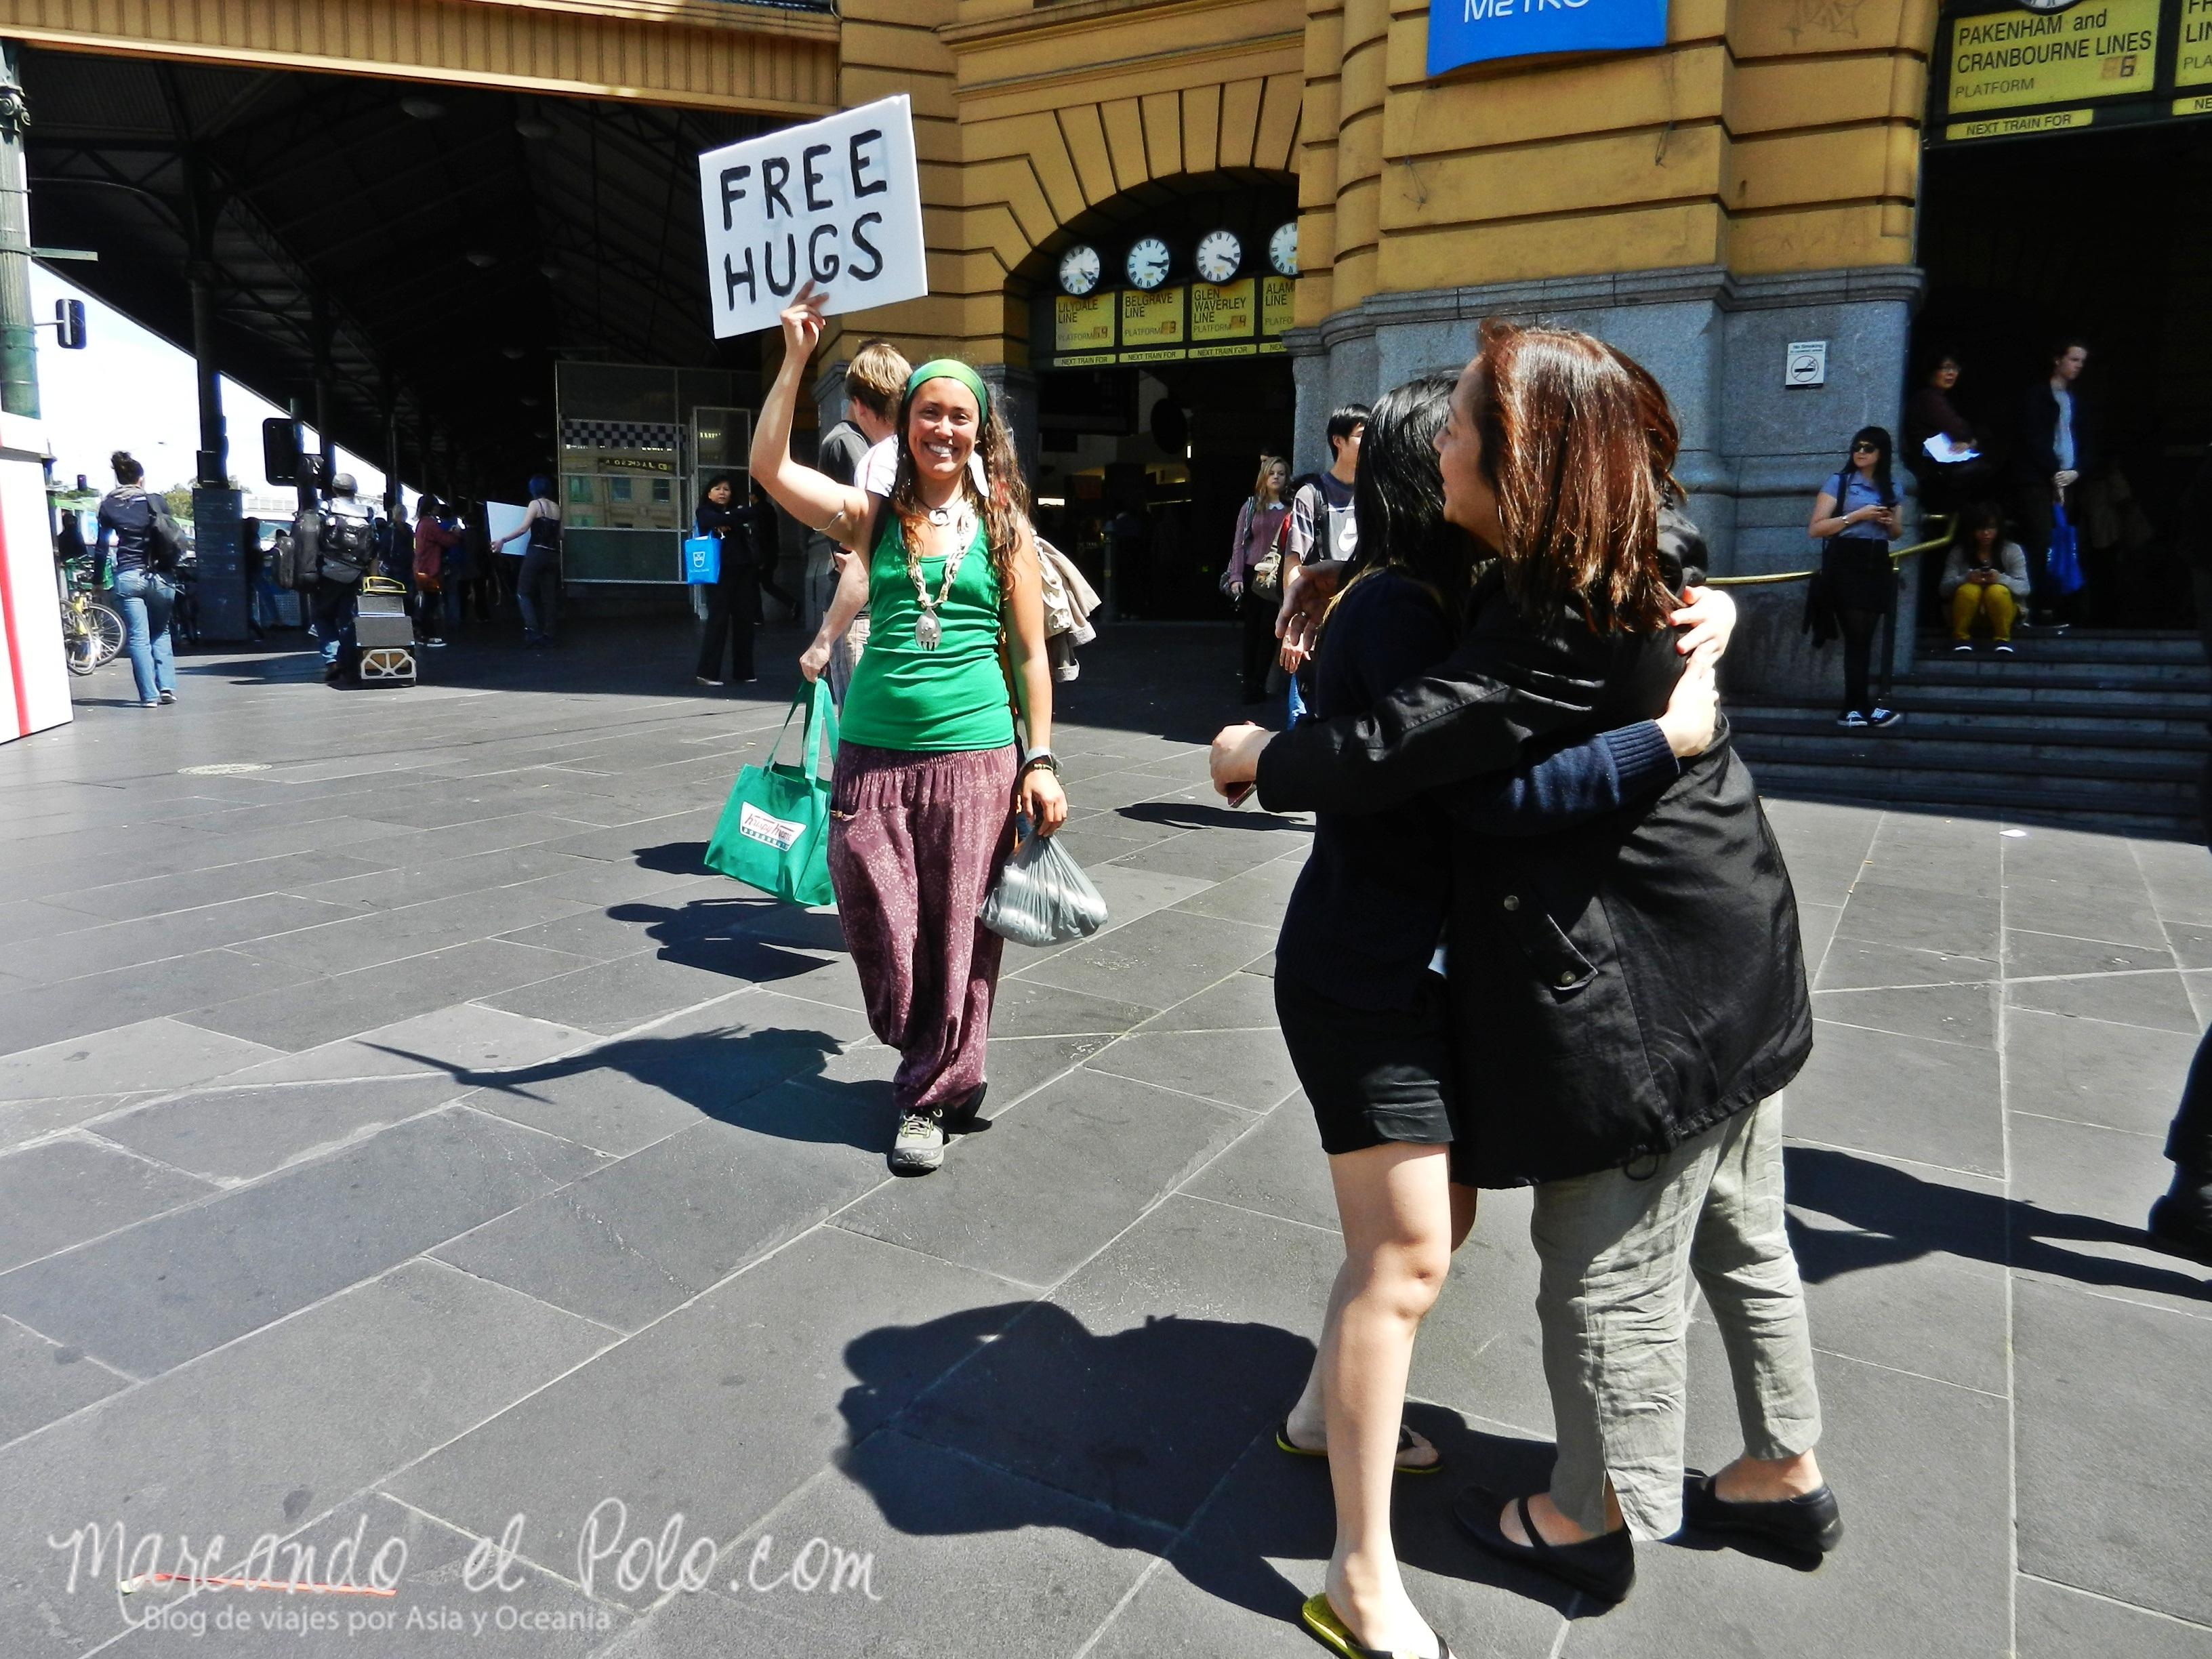 Viajar barato por Melbourne: Free hugs